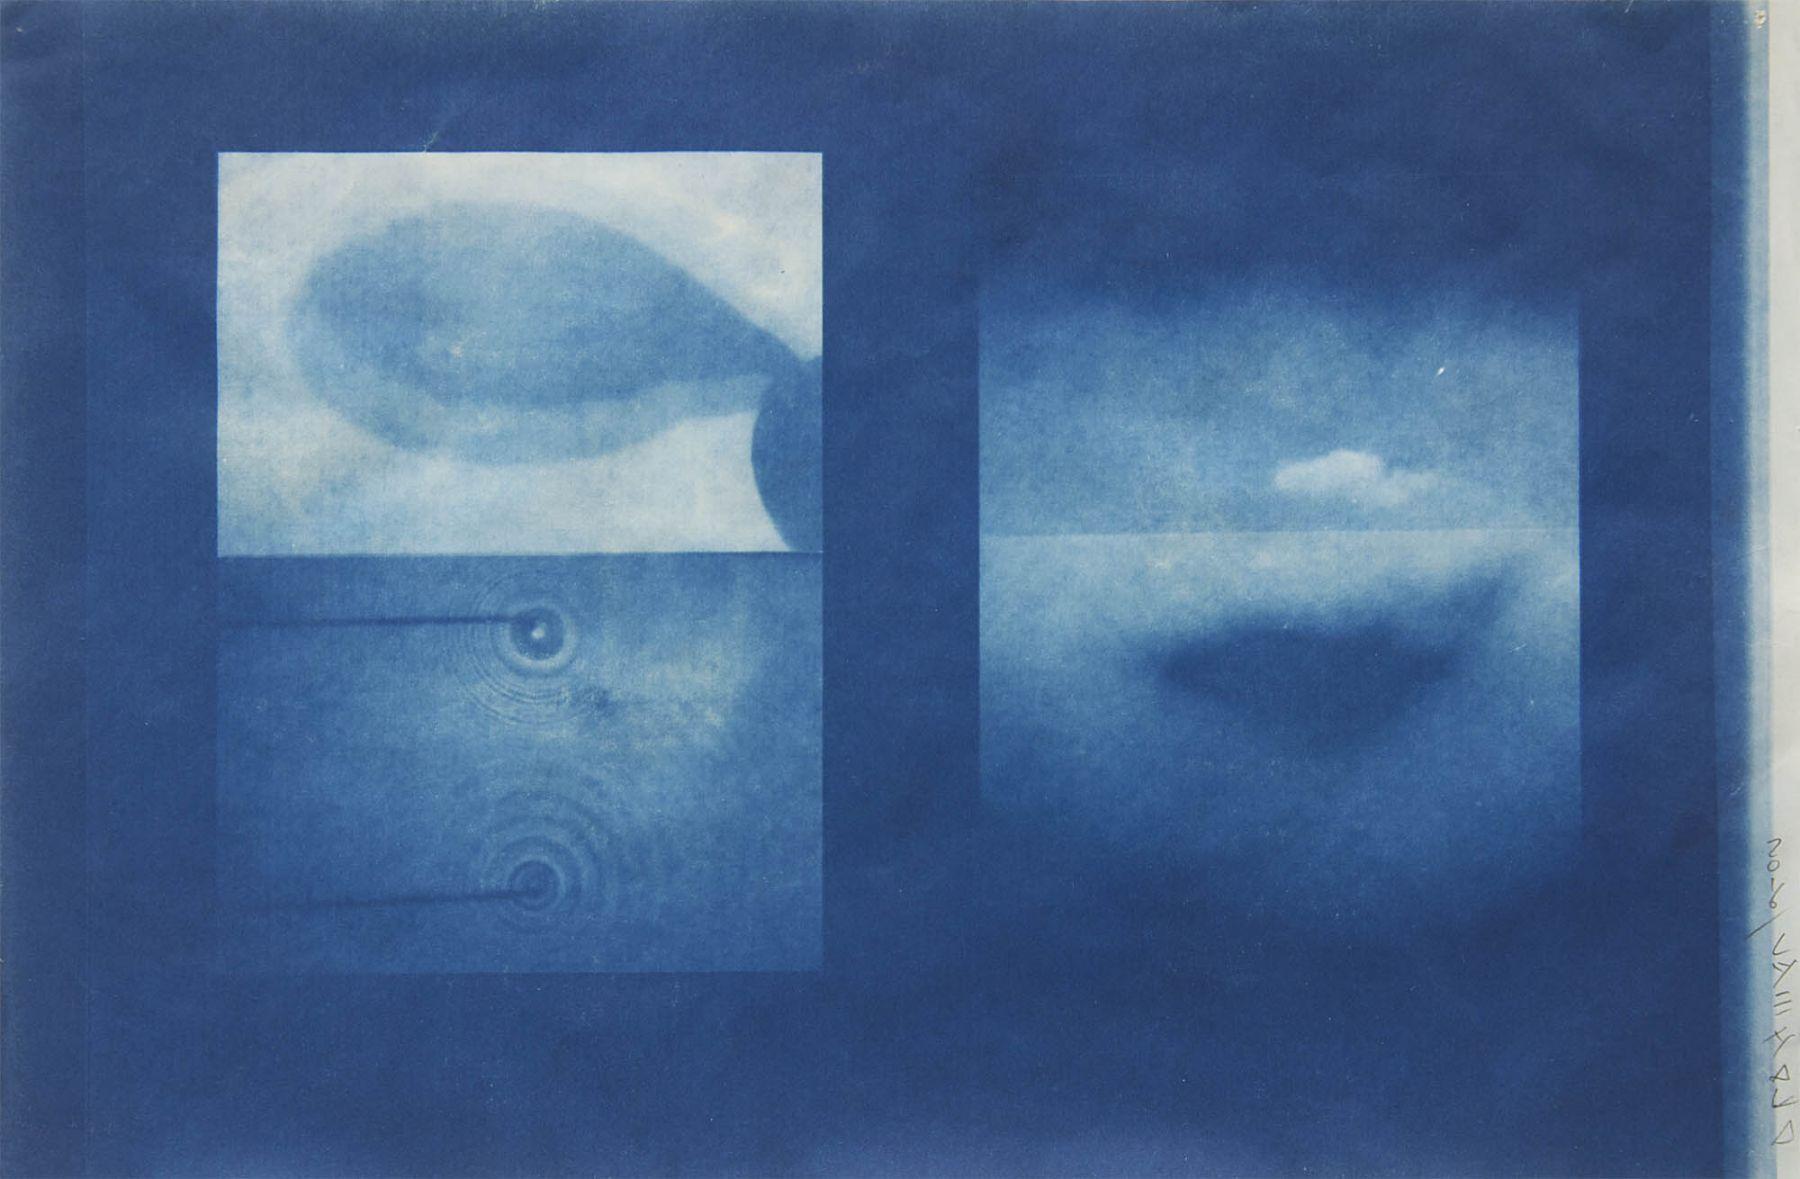 Dug Uyesaka, Cyanotype Study